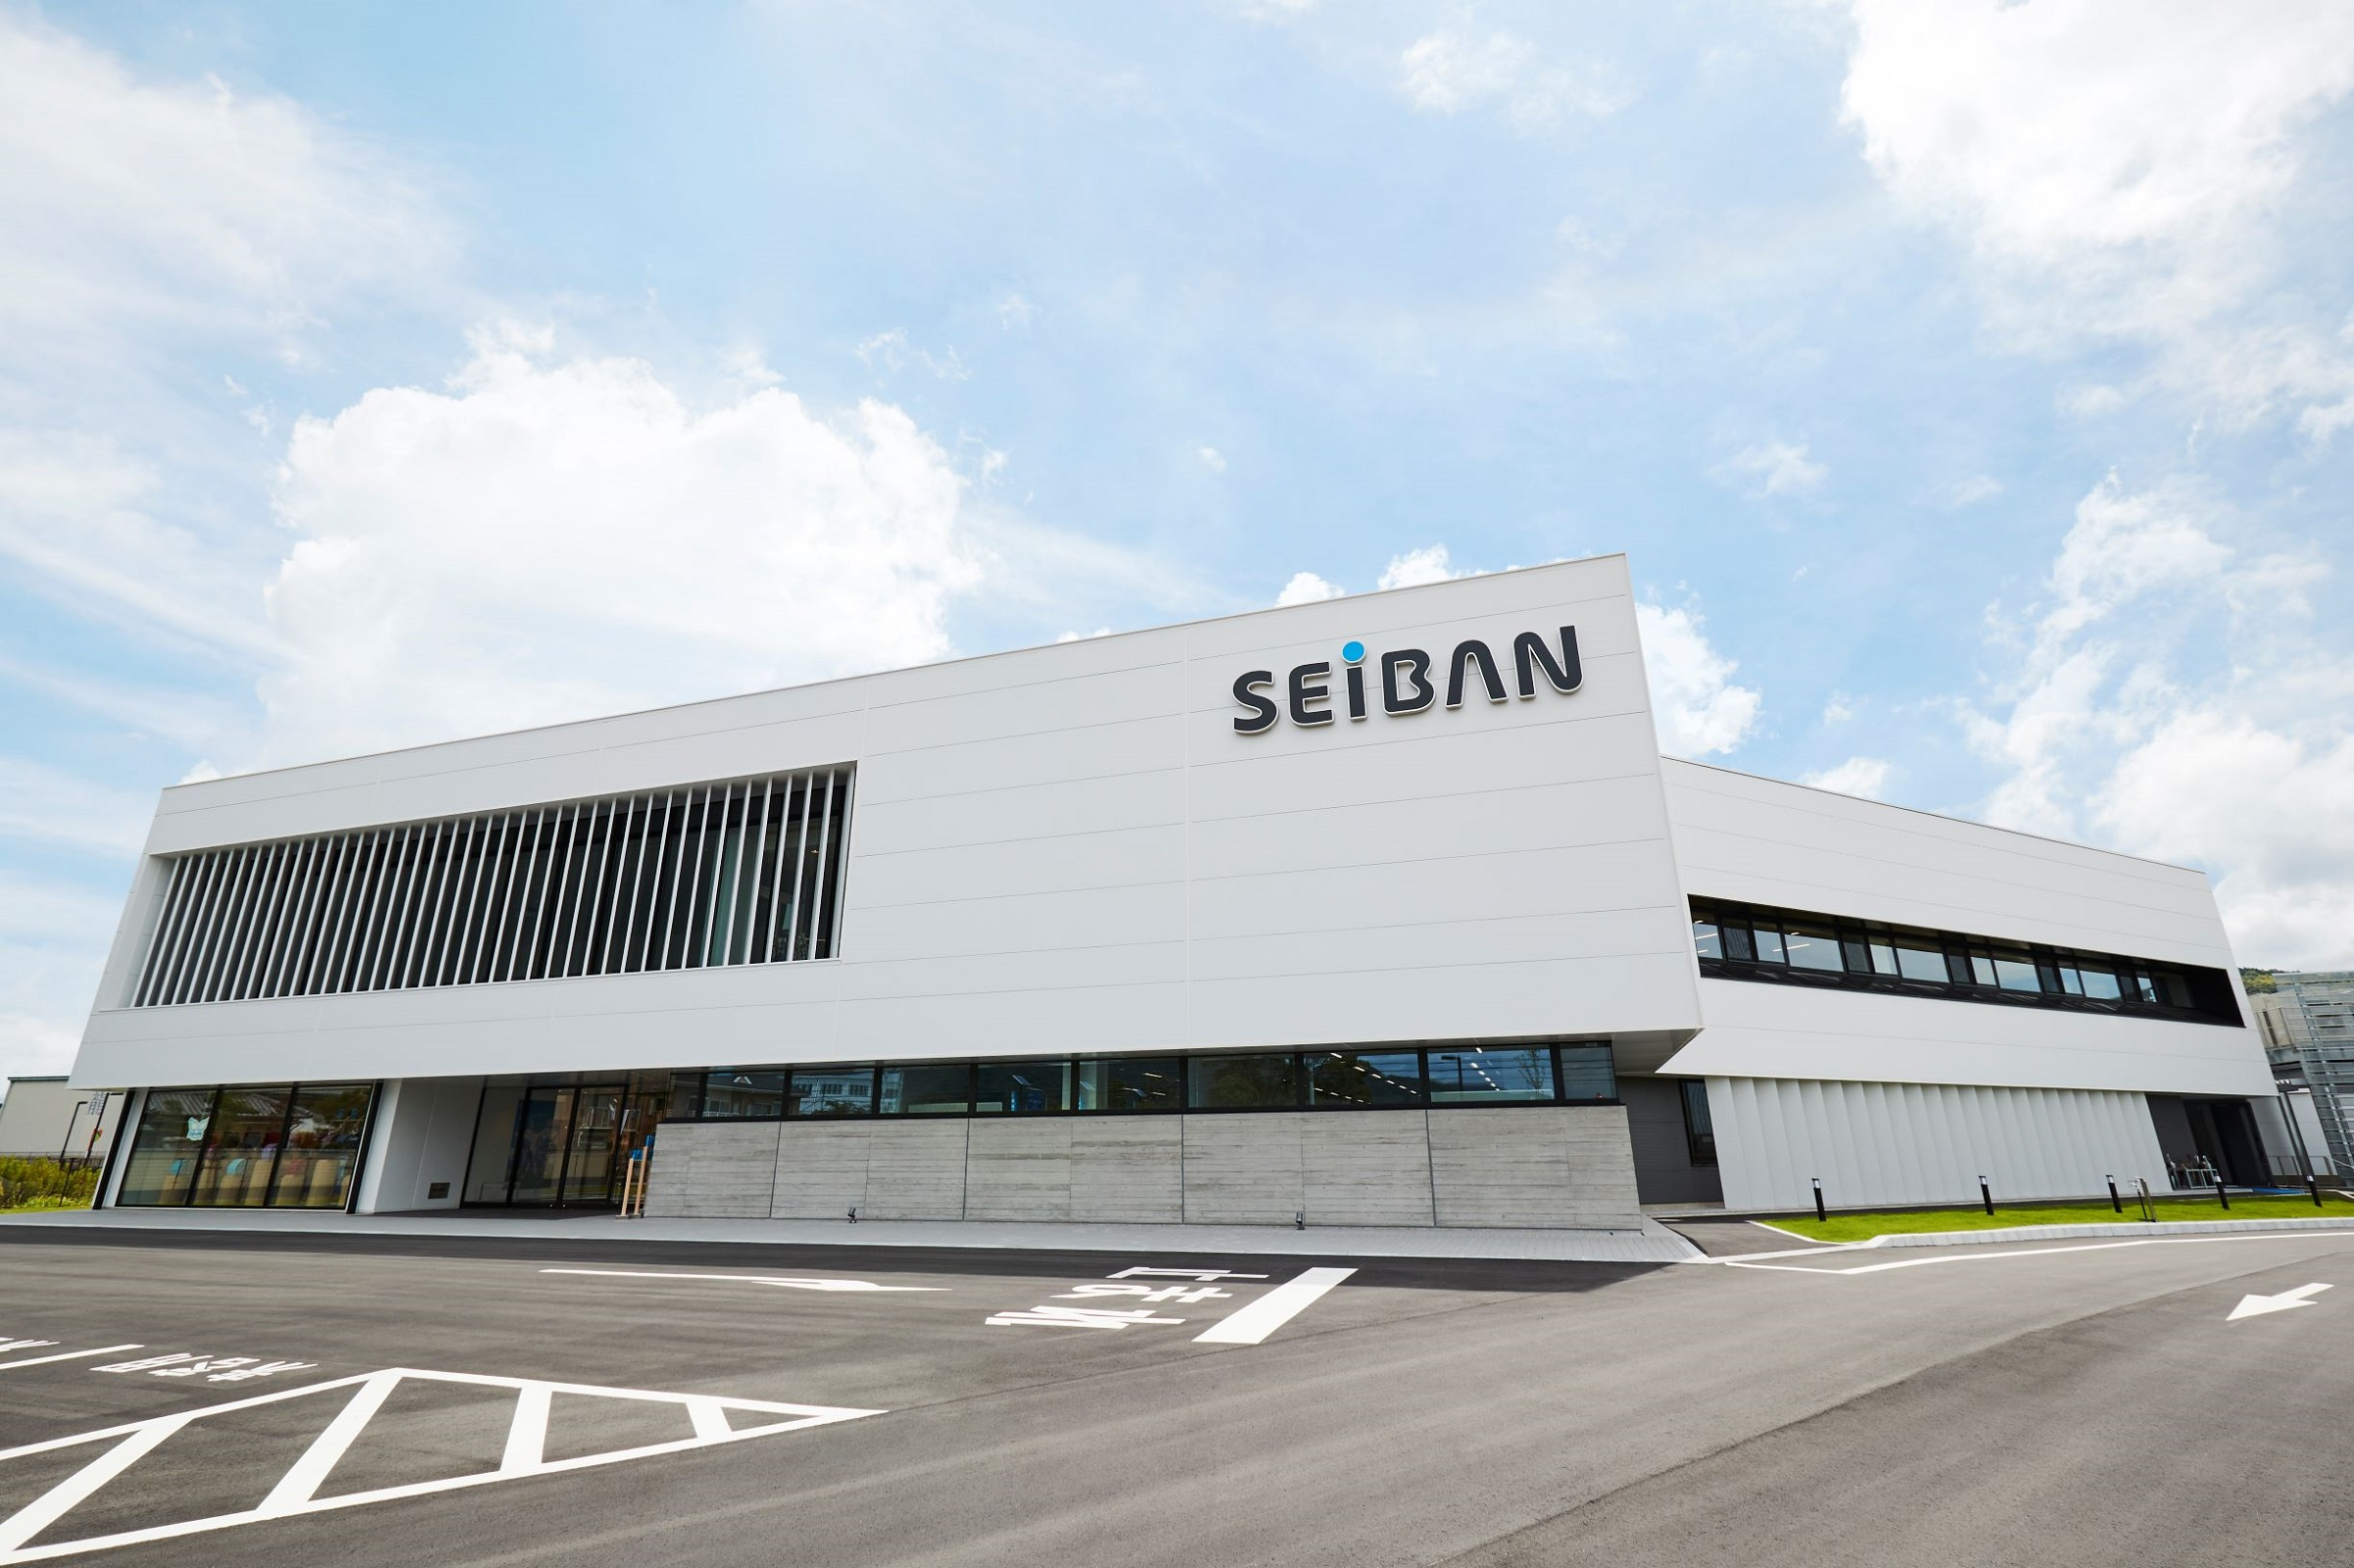 工場 セイバン 新